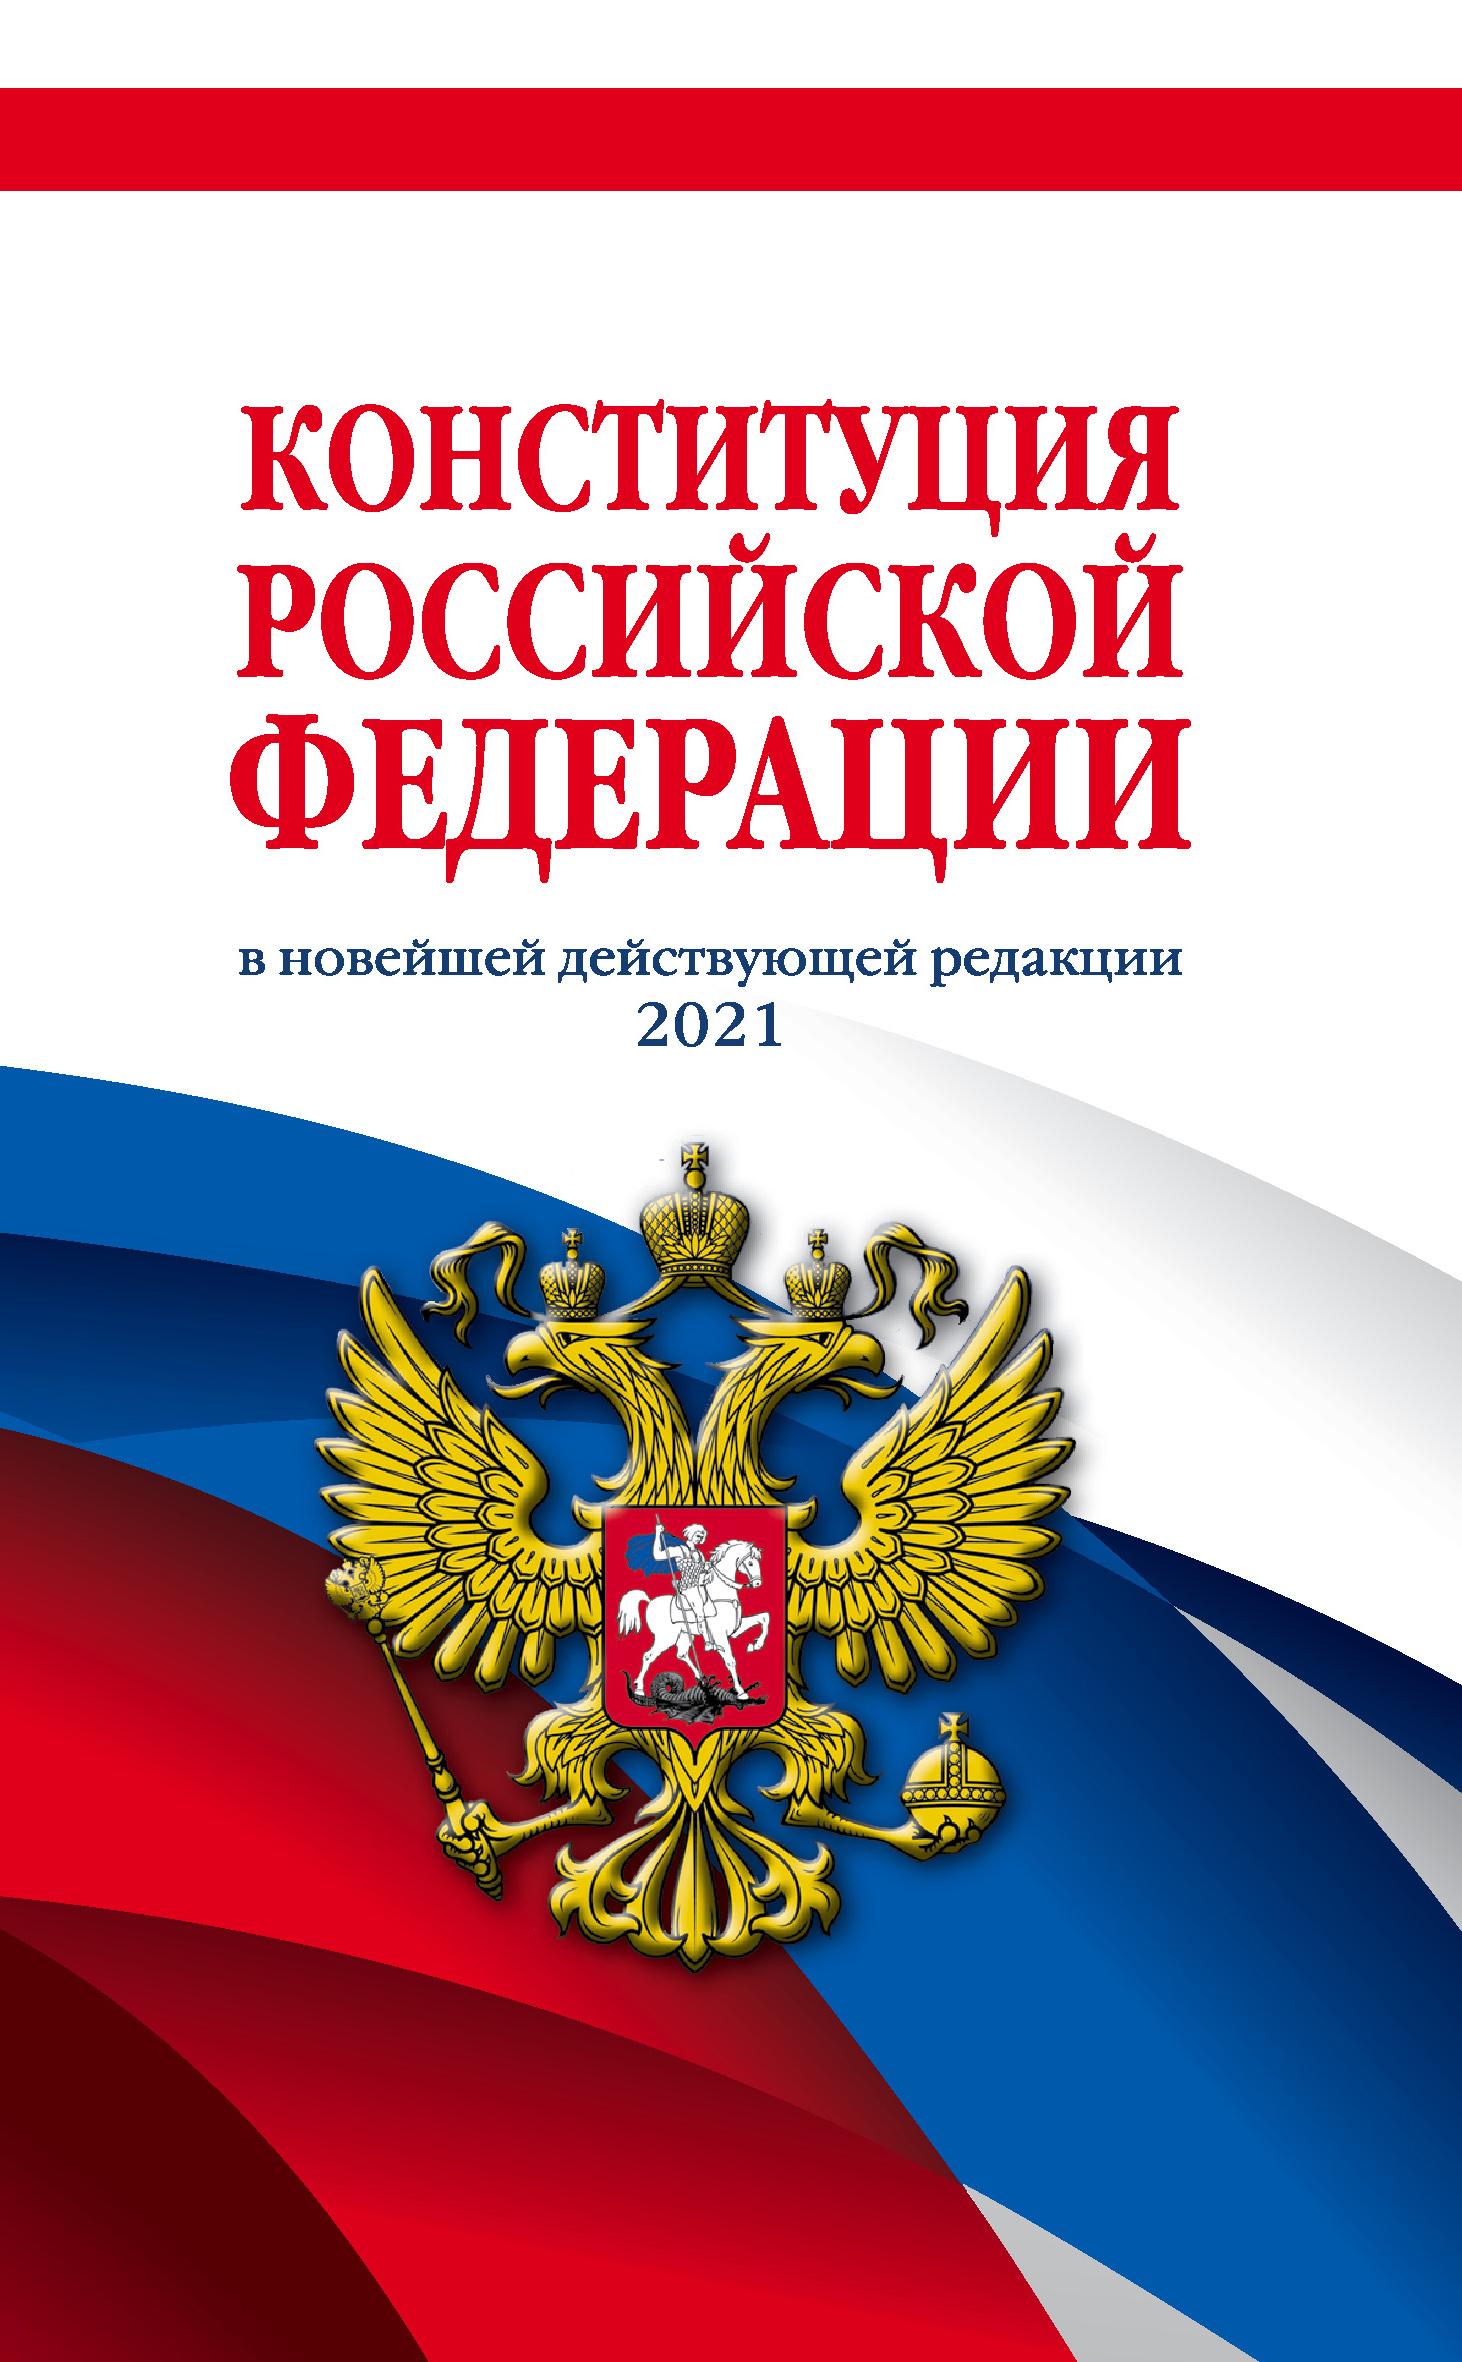 Конституция Российской Федерации (редакция 2021 г.) Офсетная бумага